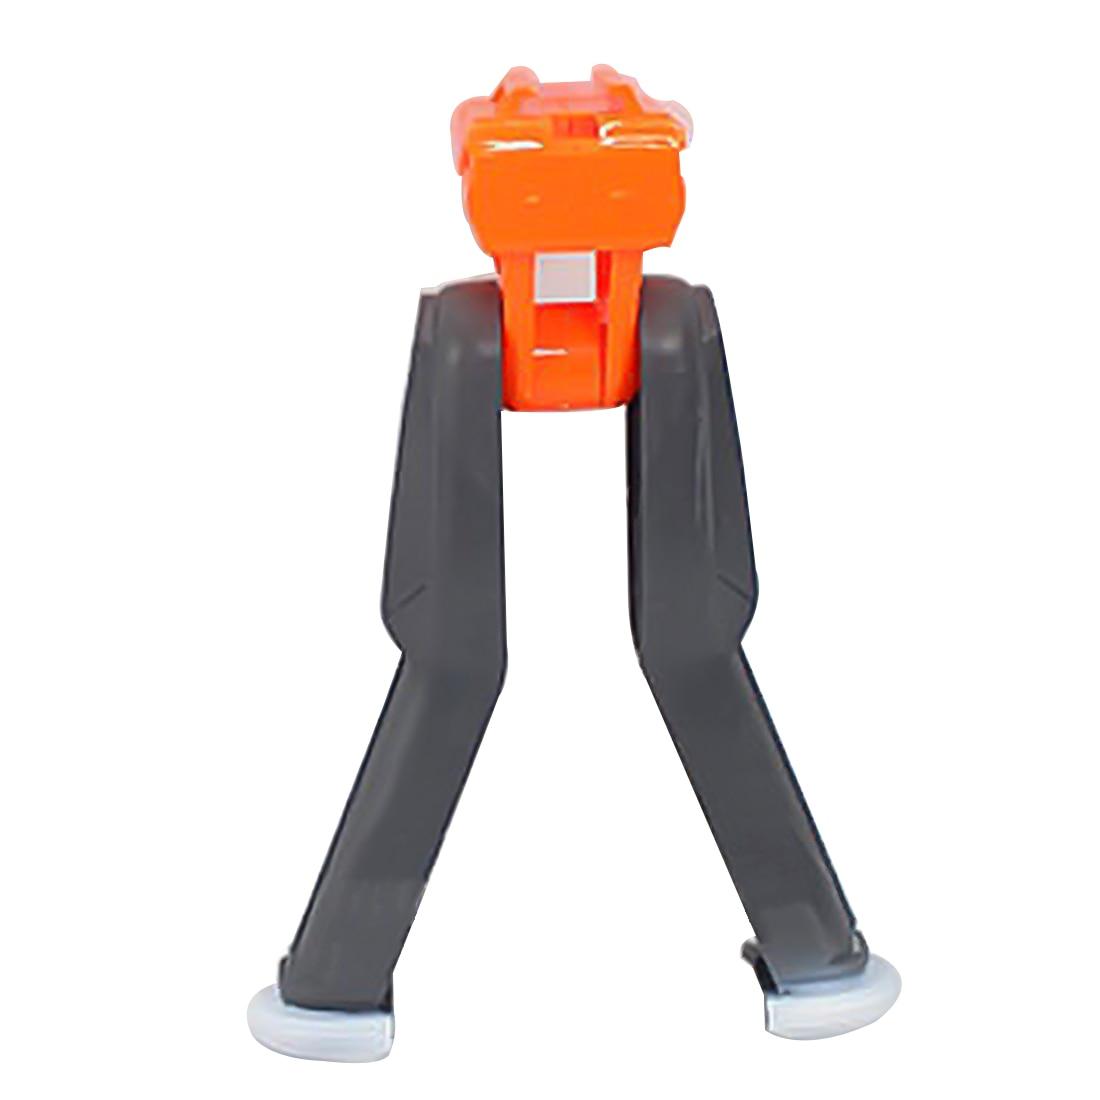 Bípode plegable de plástico modificado para Nerf Retaliator/para Nerf Rapidstrike/para Nerf Stryfe-naranja + gris Objetivo eléctrico de reinicio automático de puntaje de alta precisión DIY para Nerf gun accesorios juguetes para deportes de diversión al aire libre regalos de Año Nuevo TSLM1